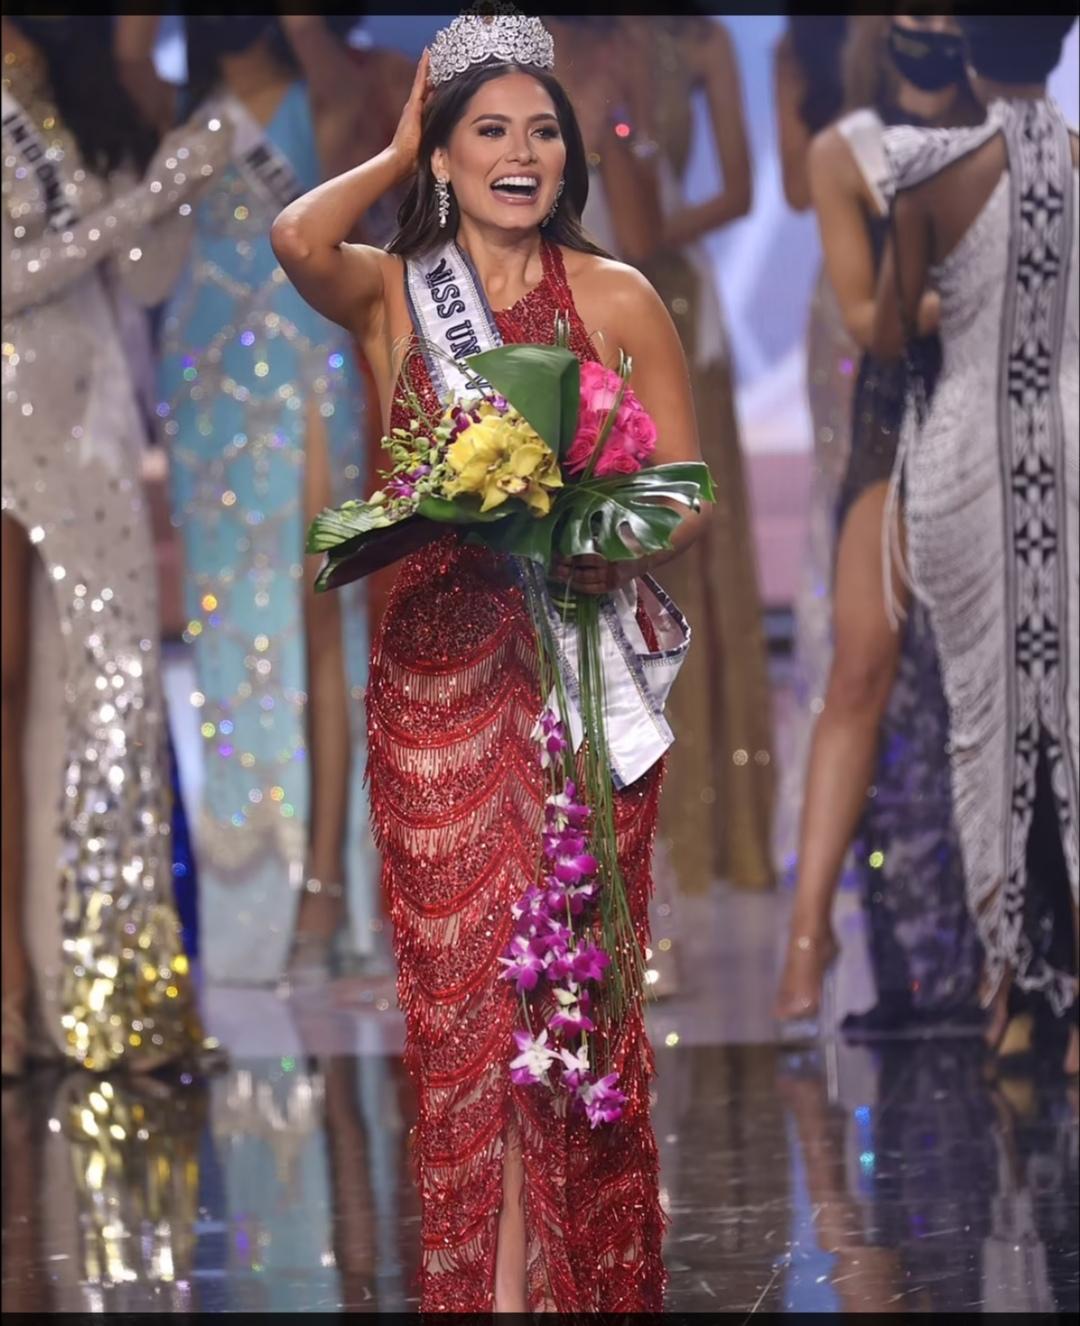 أندريا ميزا ملكة جمال الكون- الصورة من موقع ديلي ميل